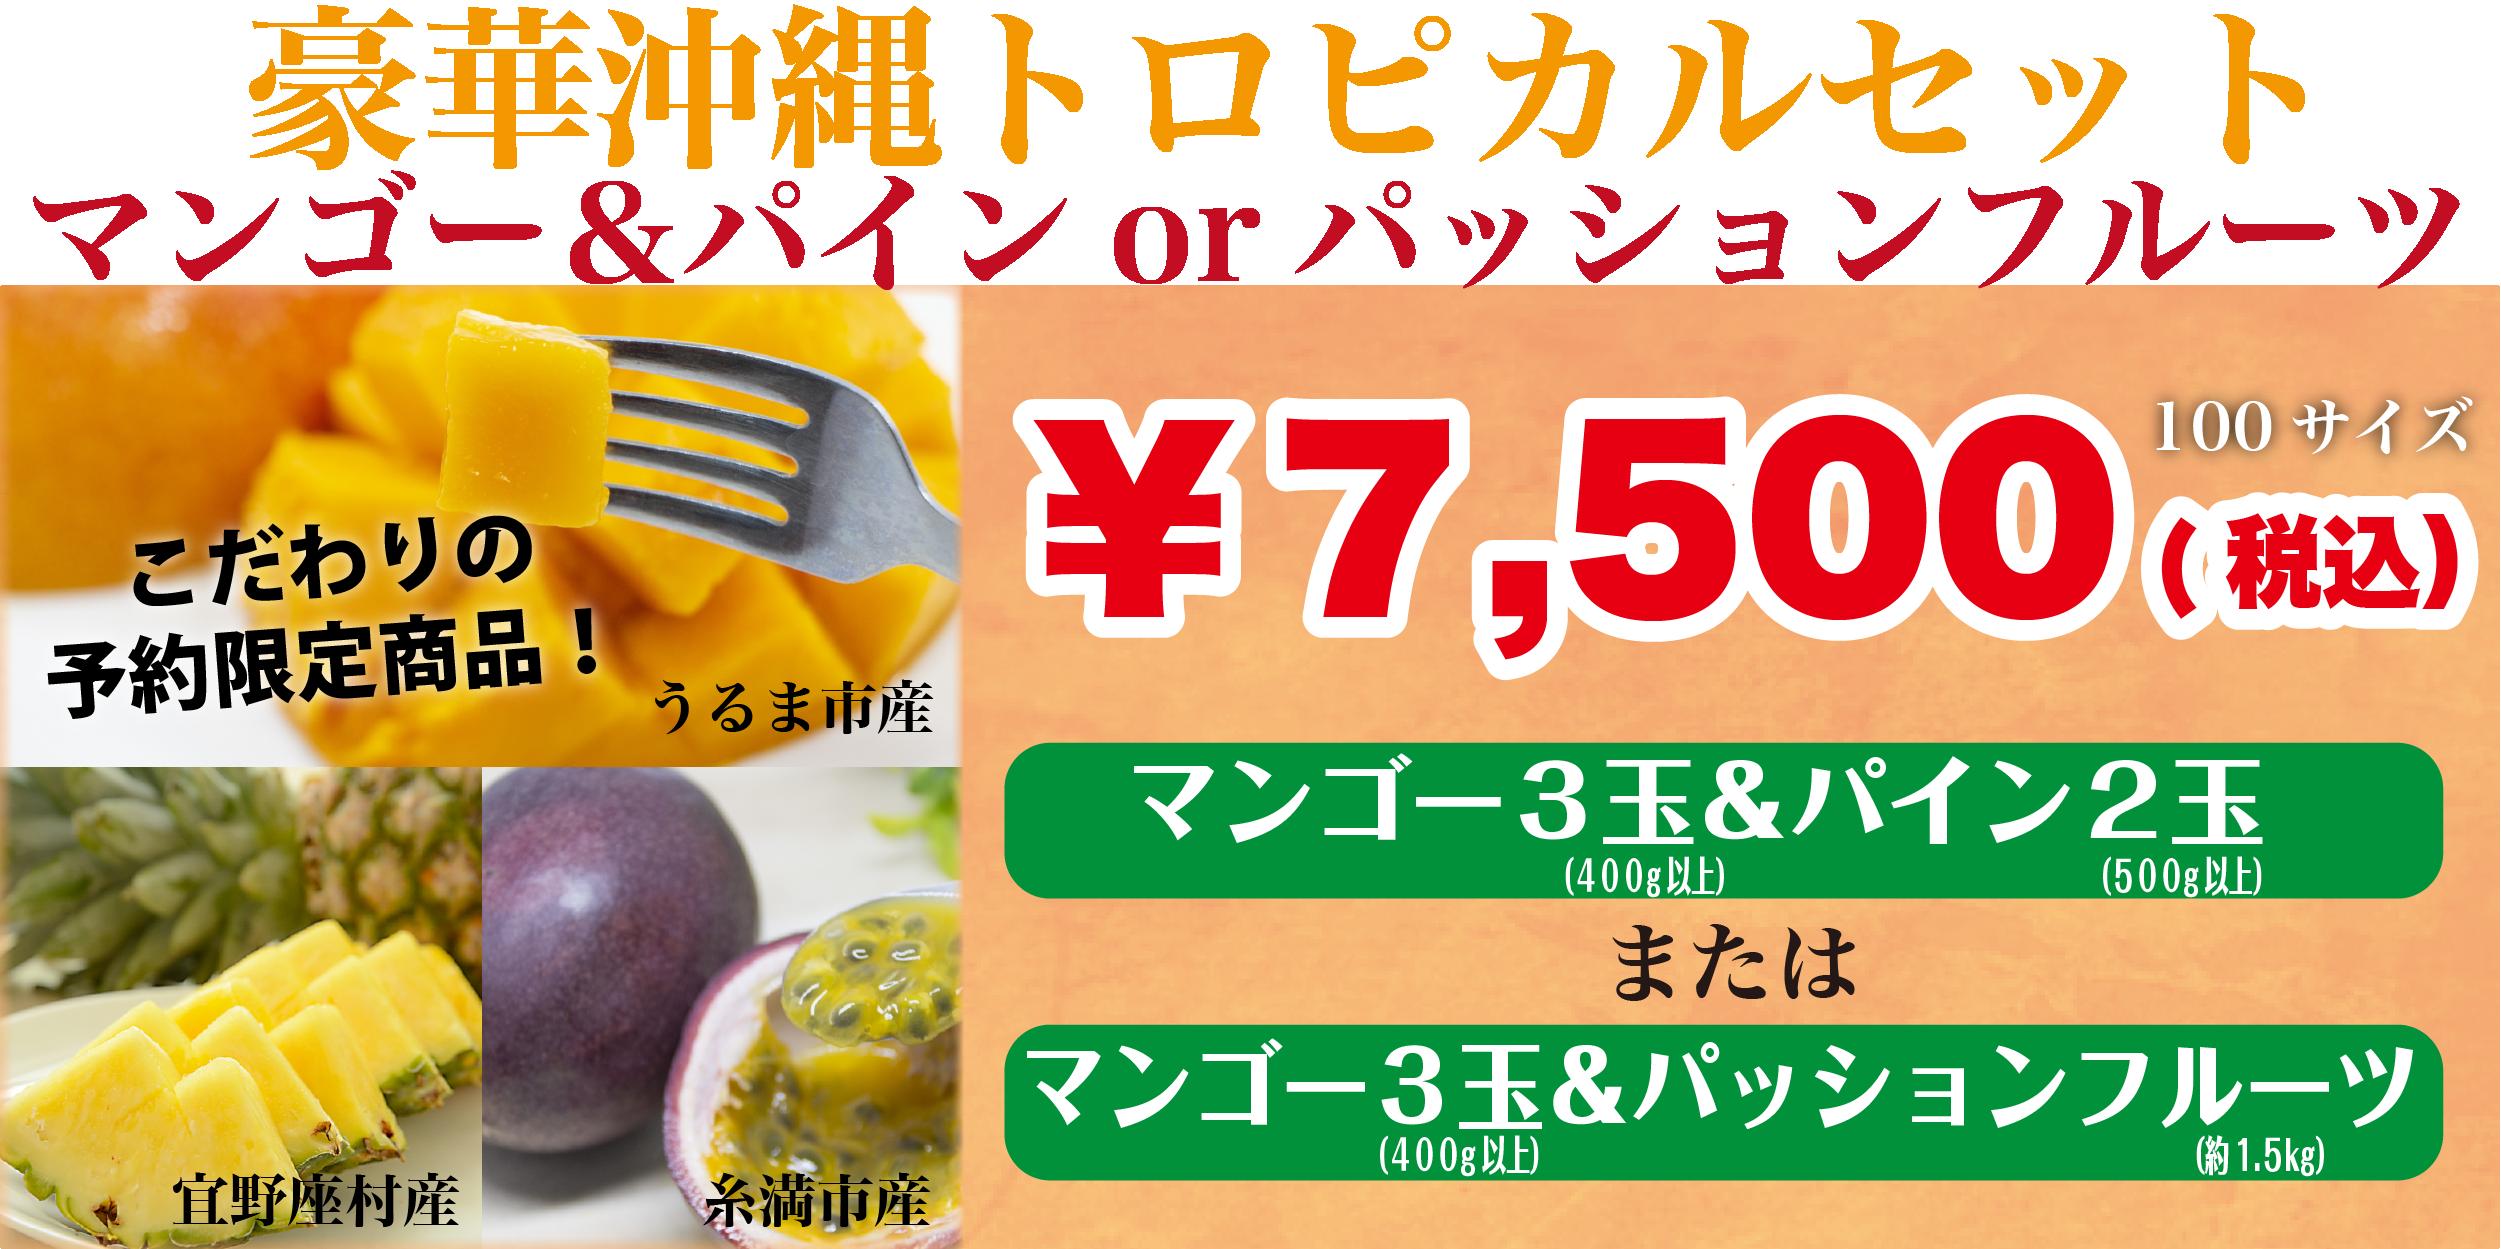 豪華沖縄トロピカルセット|マンゴー&パインorパッションフルーツ|こだわりの予約限定商品